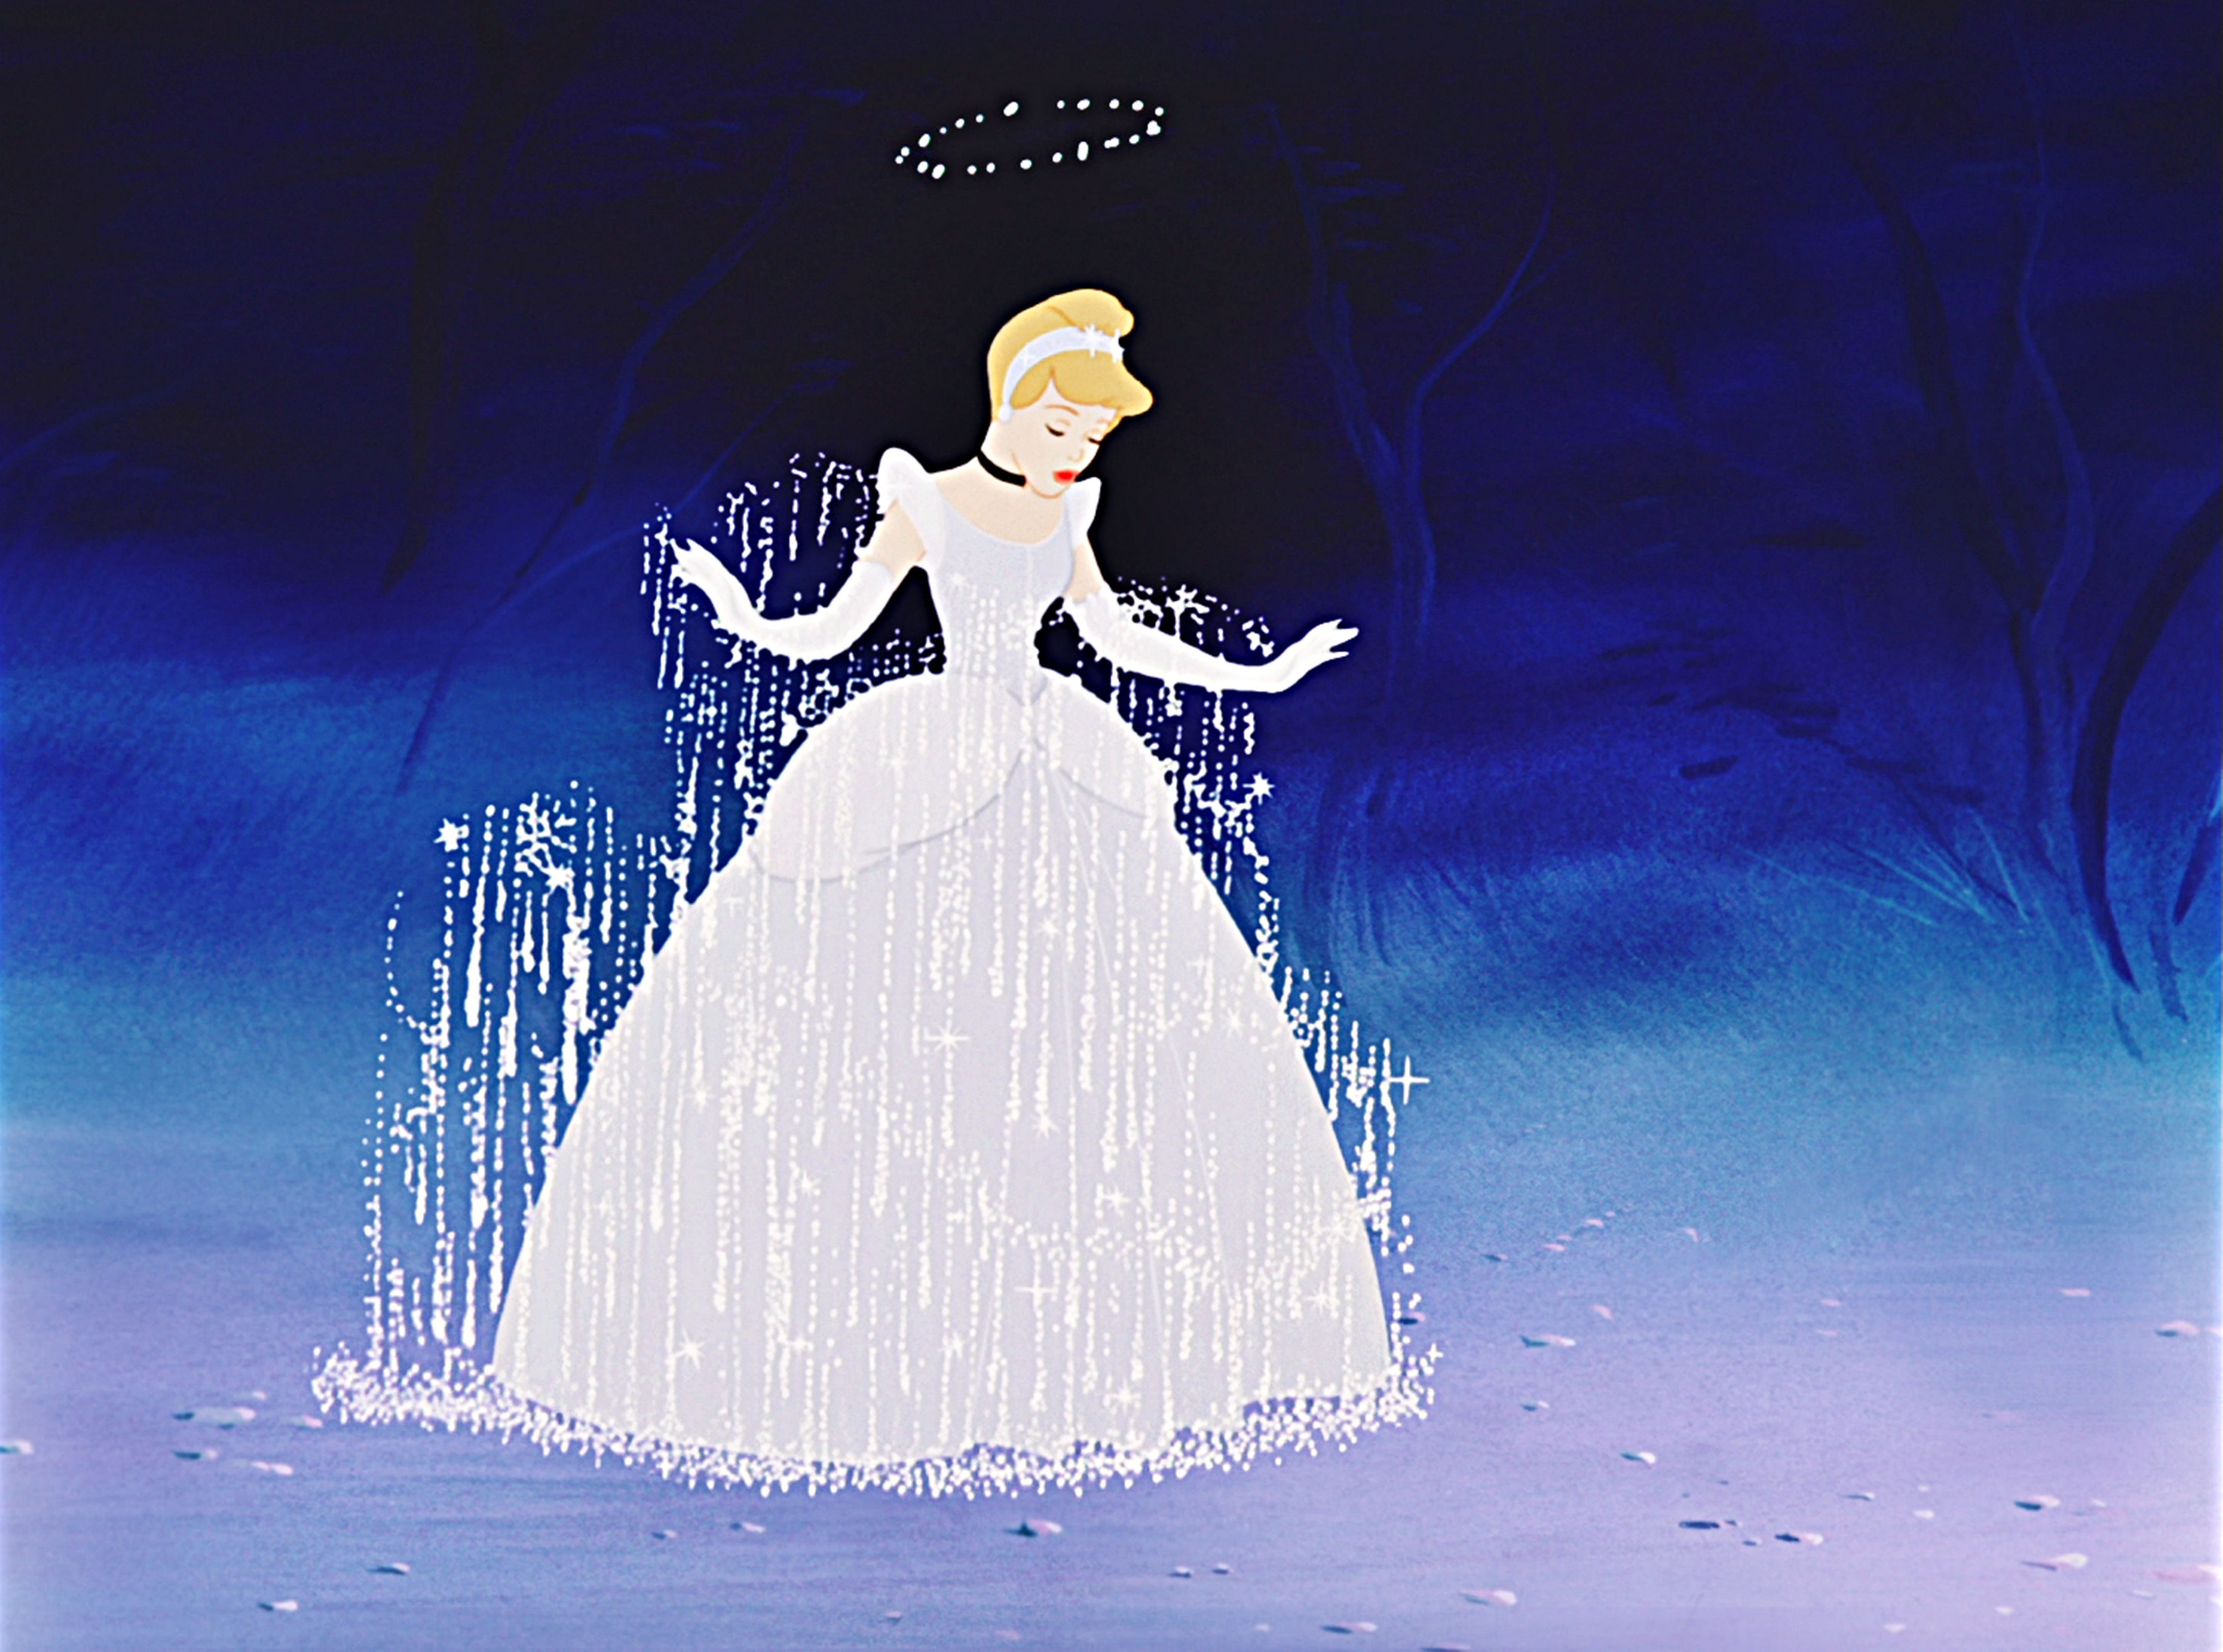 Day 7 Cinderella Cinderella Disney Cinderella Wallpaper Cinderella Cartoon